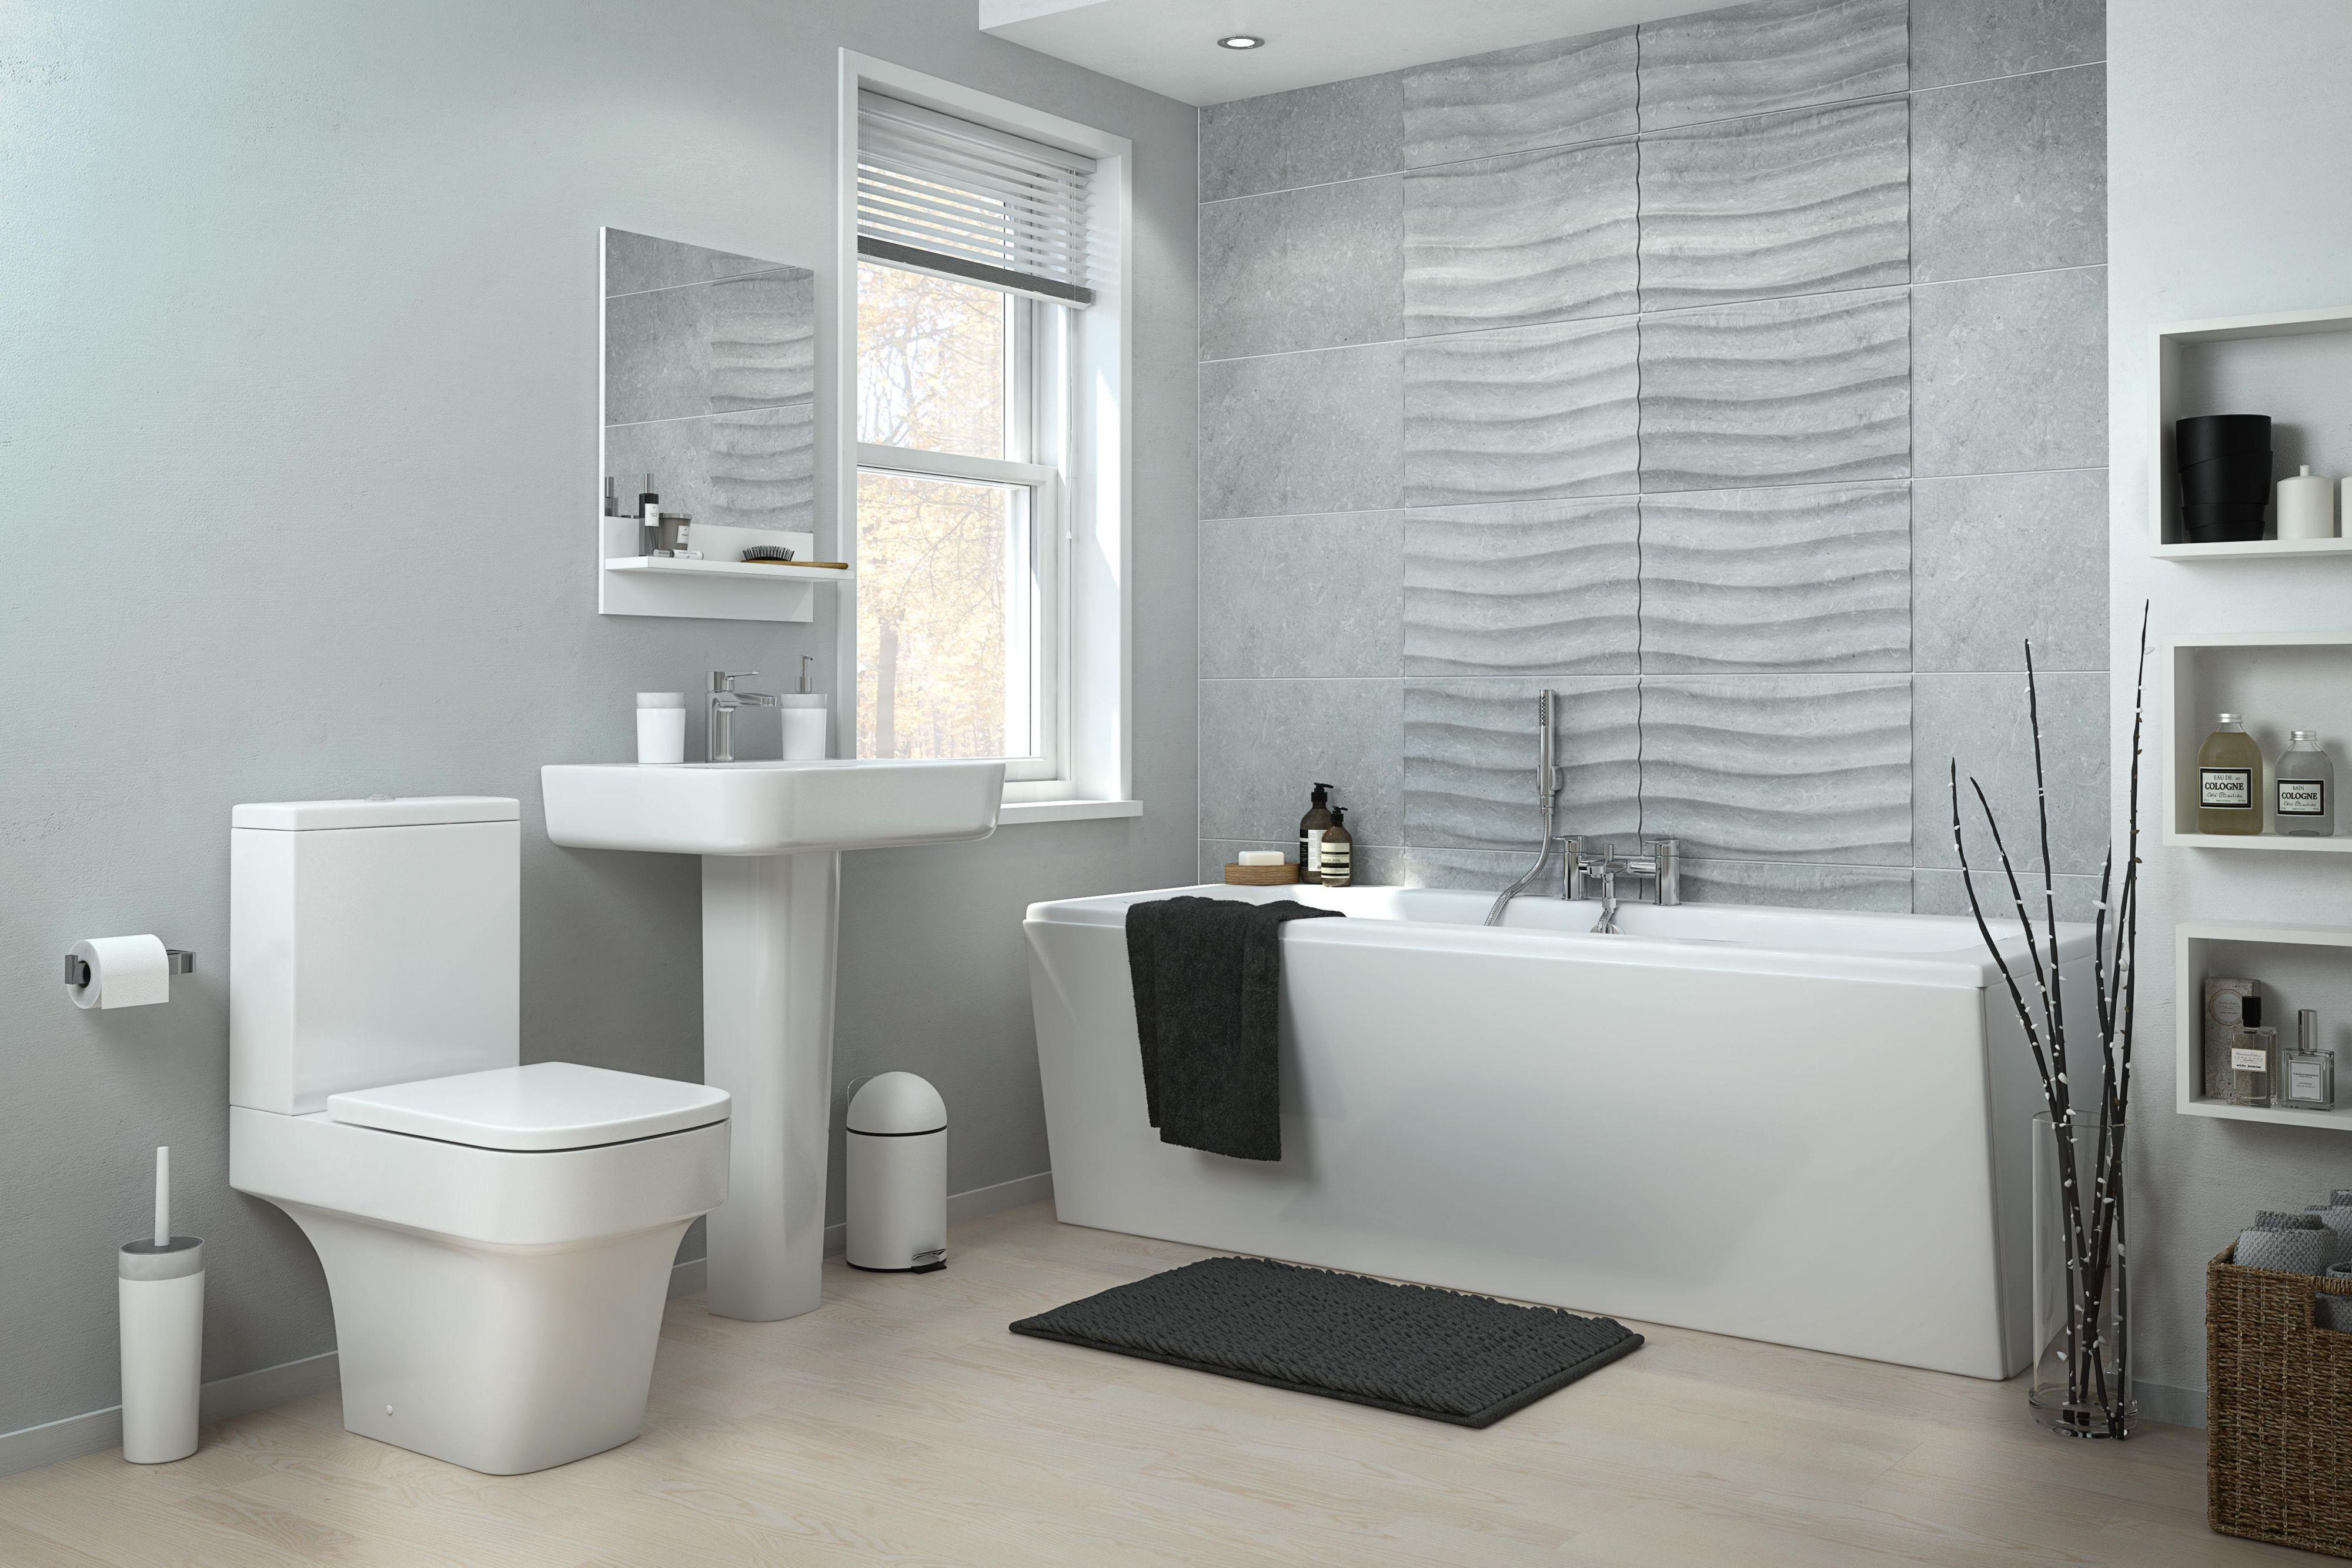 Erstaunliche Badezimmer Bilder Mit Kleine Badezimmer Design ...